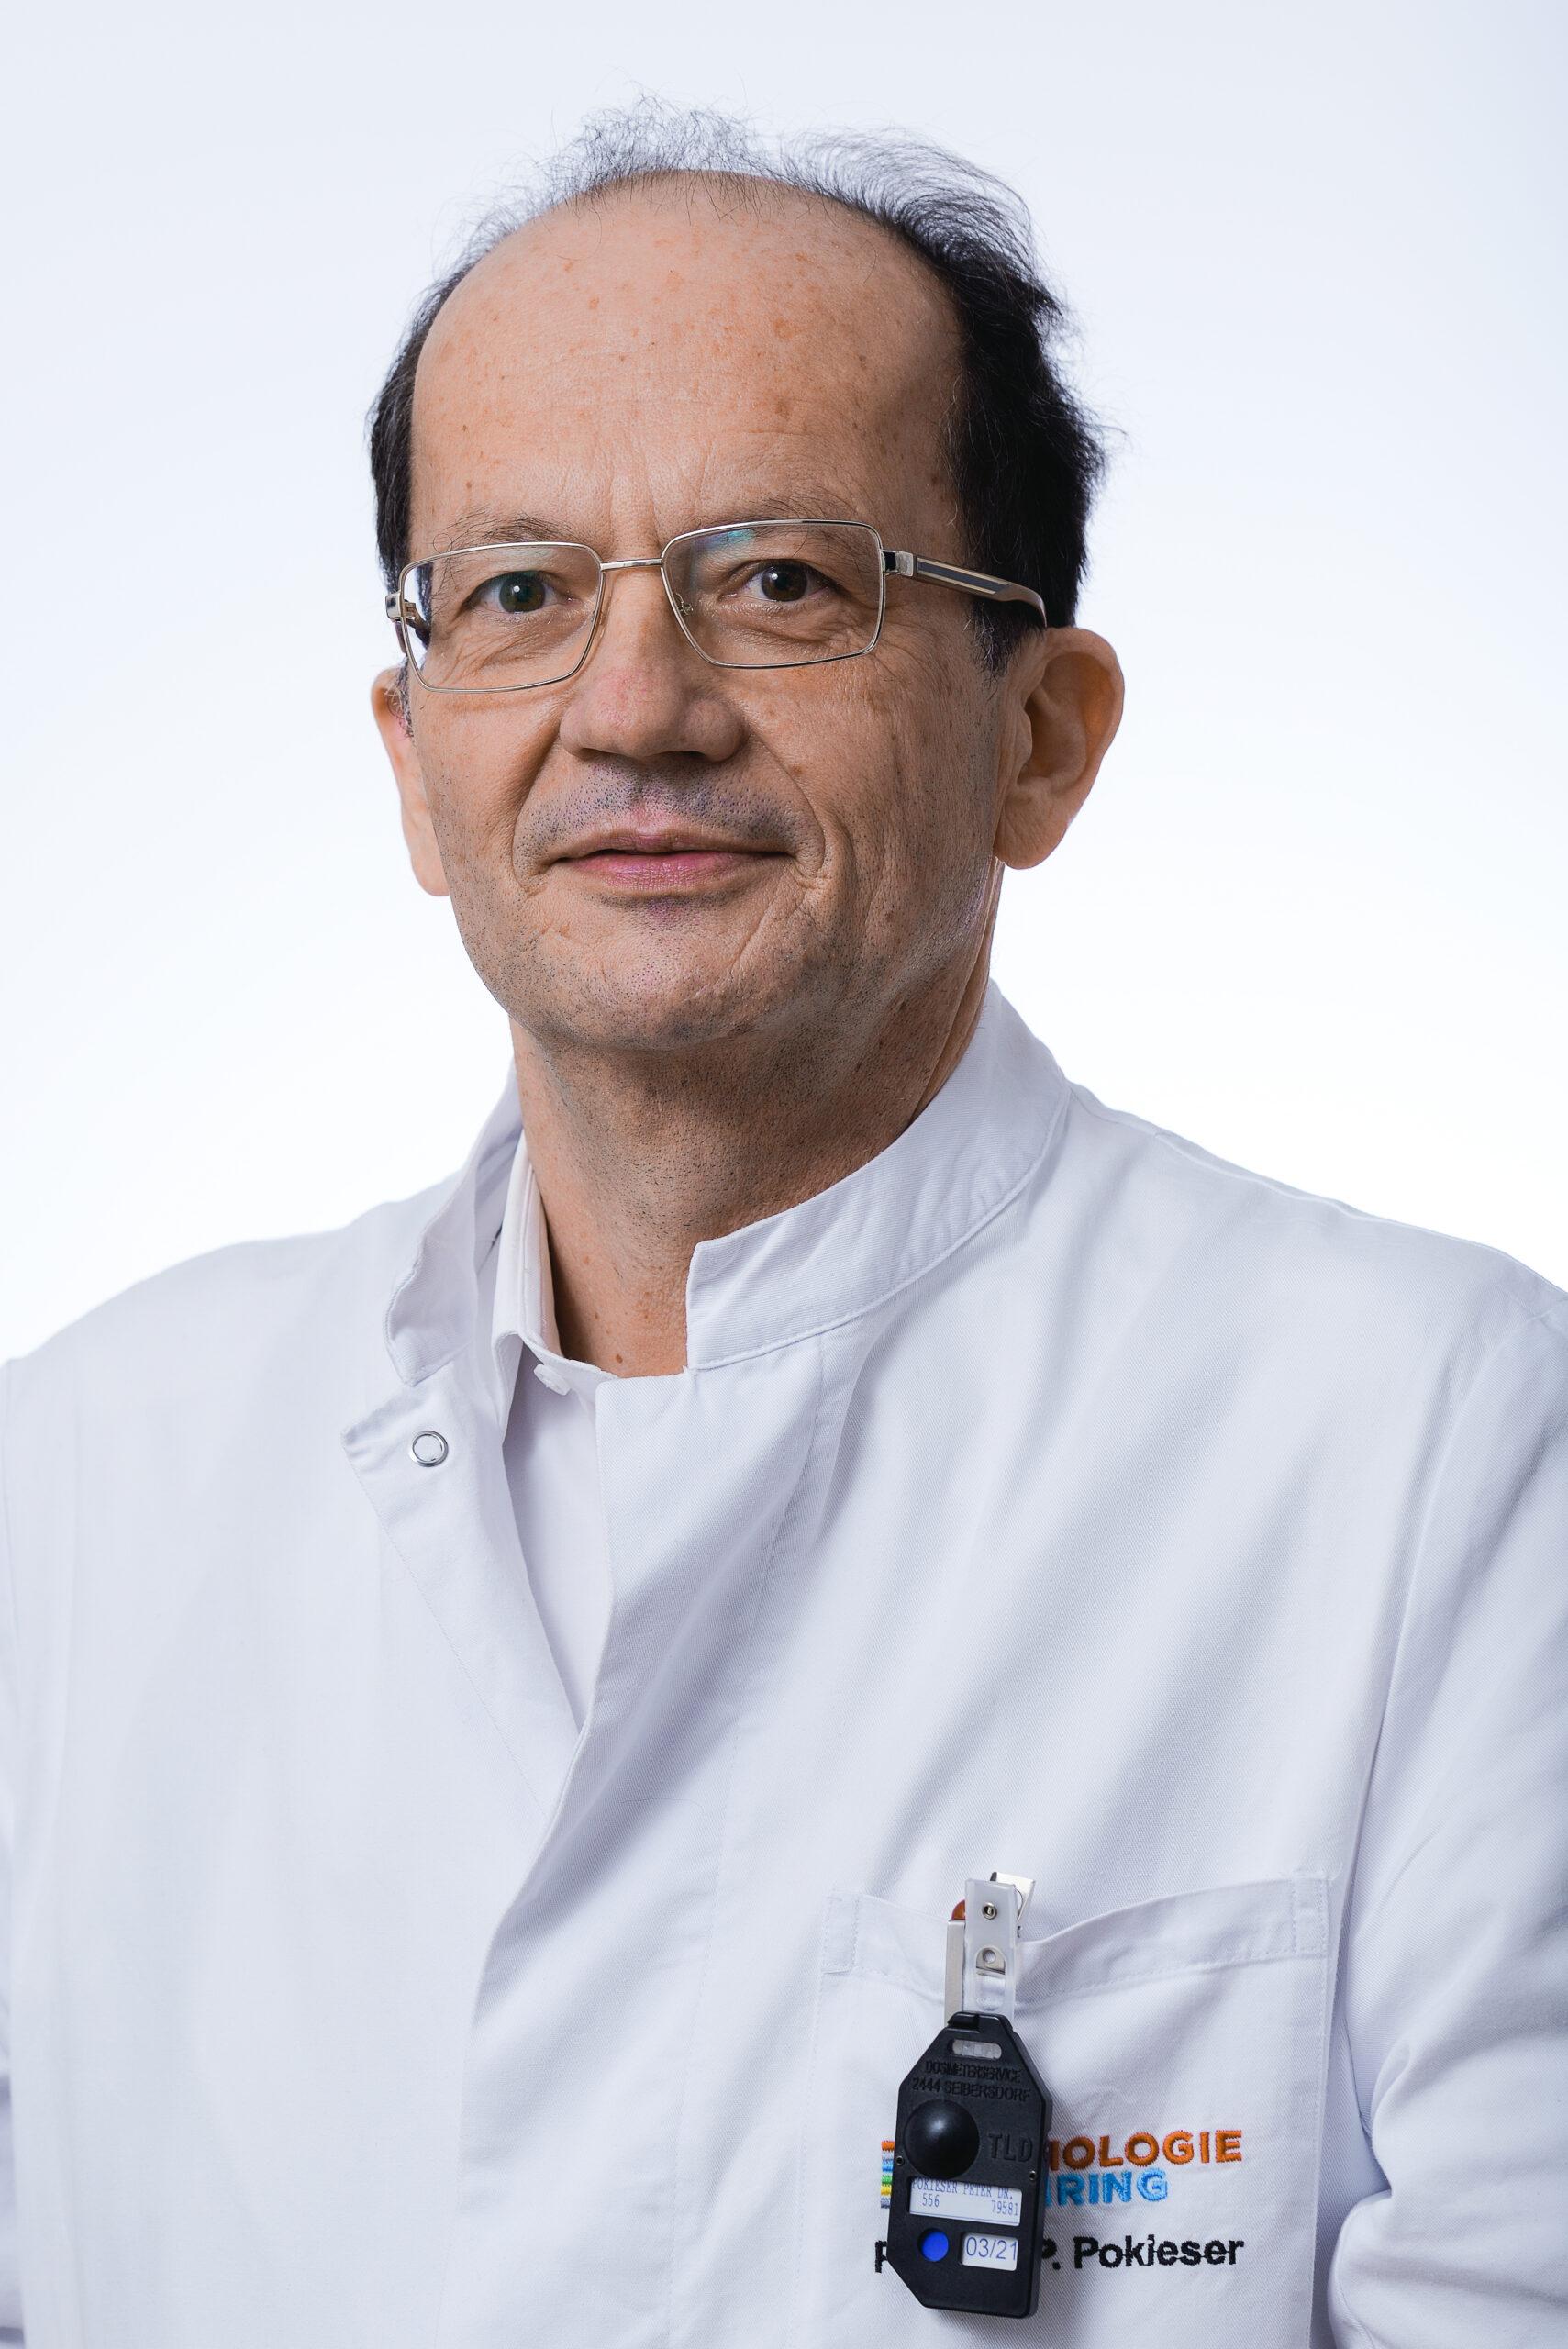 Prof. Peter Pokieser